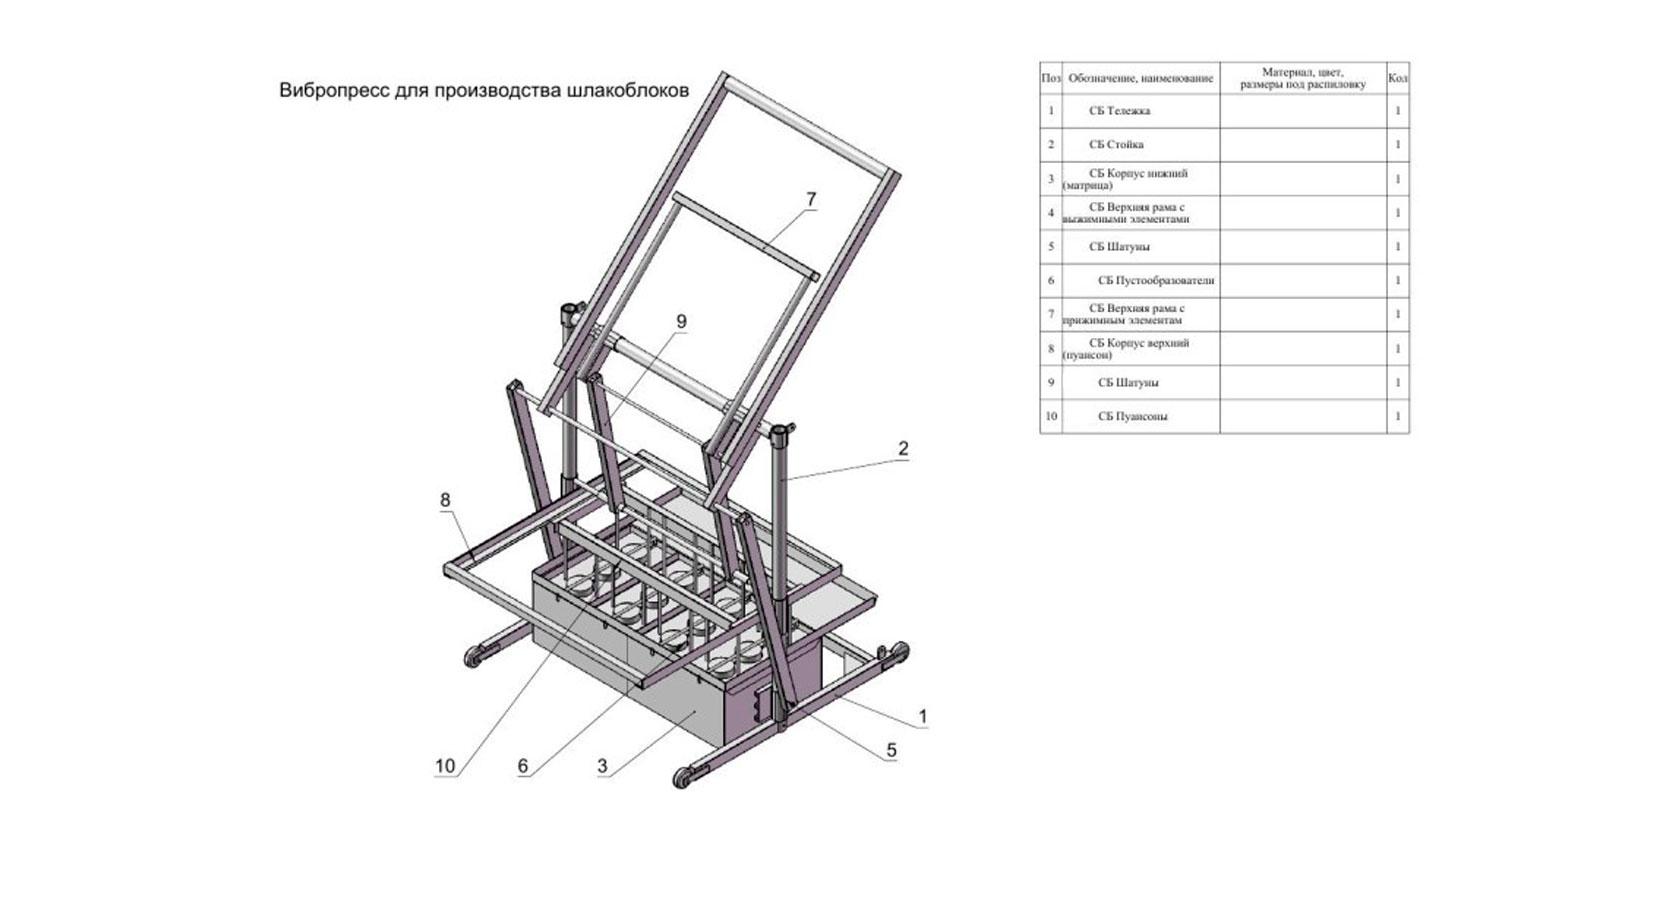 Как сделать станок для изготовления шлакоблоков в домашних условиях